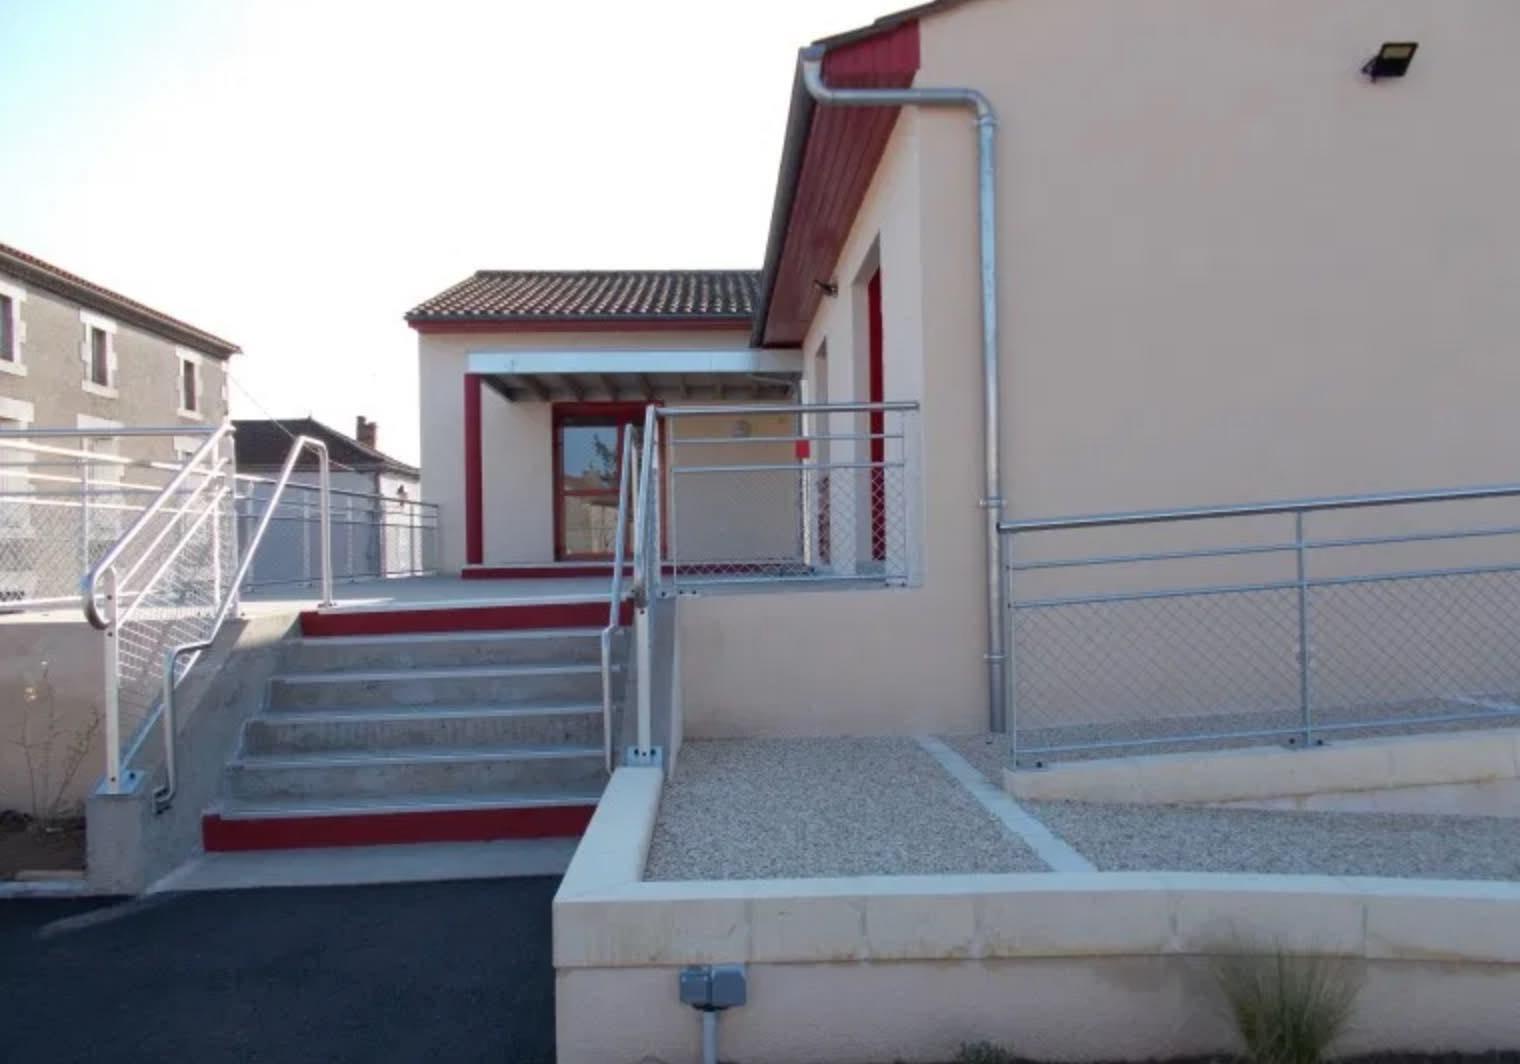 Location de salle à  Augignac